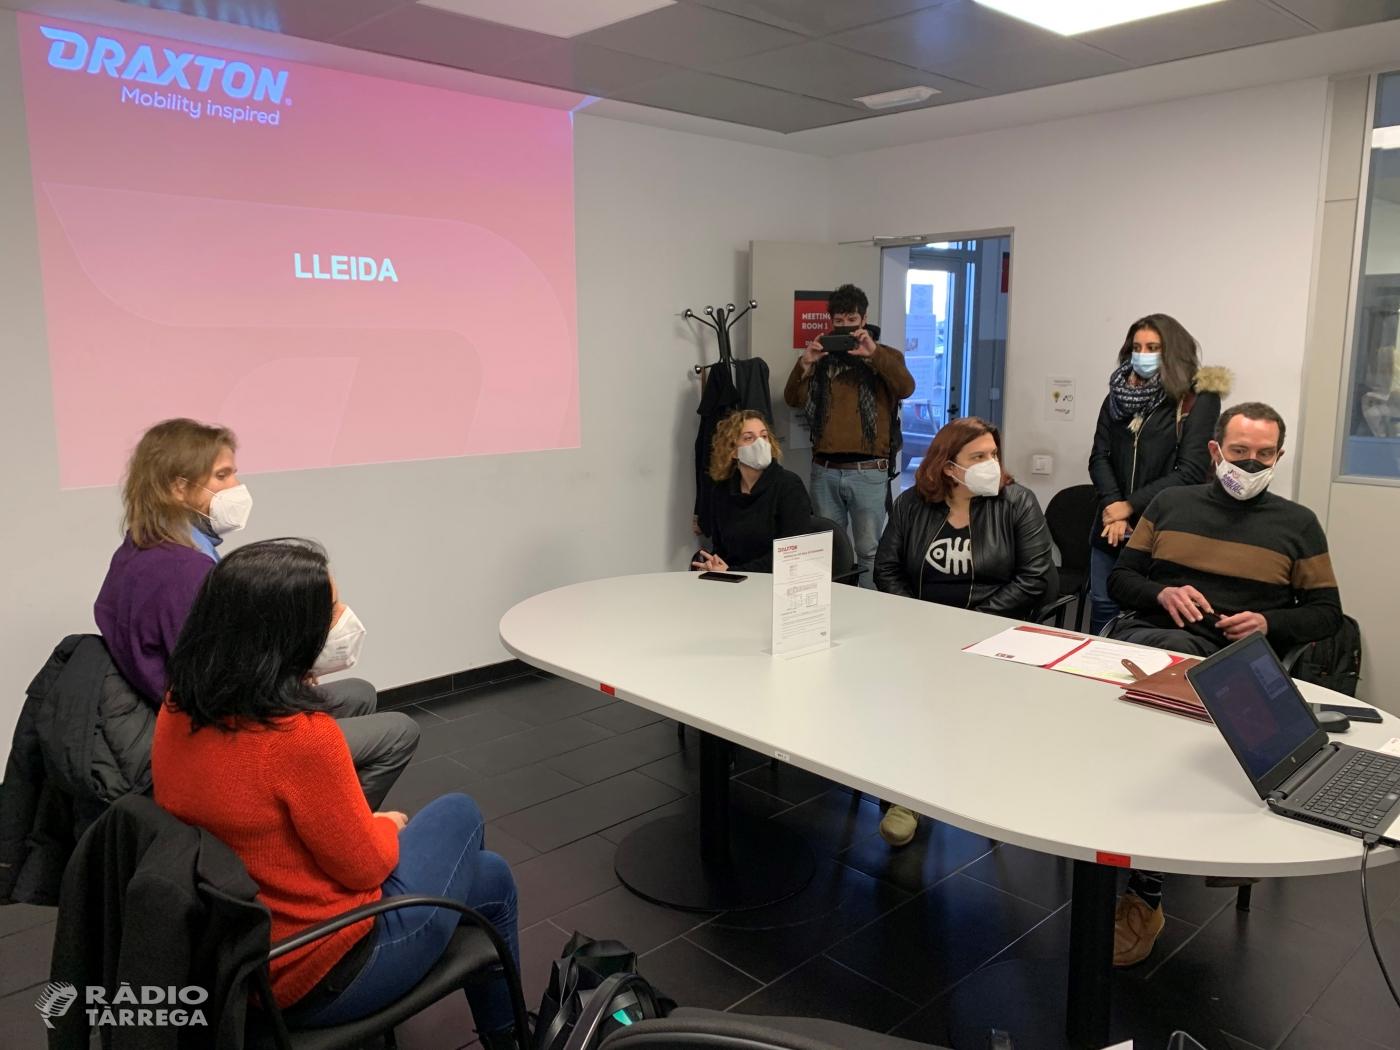 Jaume Moya, candidat d'En Comú Podem per Lleida, parla de la industrialització de les terres de Lleida en una visita a l'empresa Draxton de Fonolleres